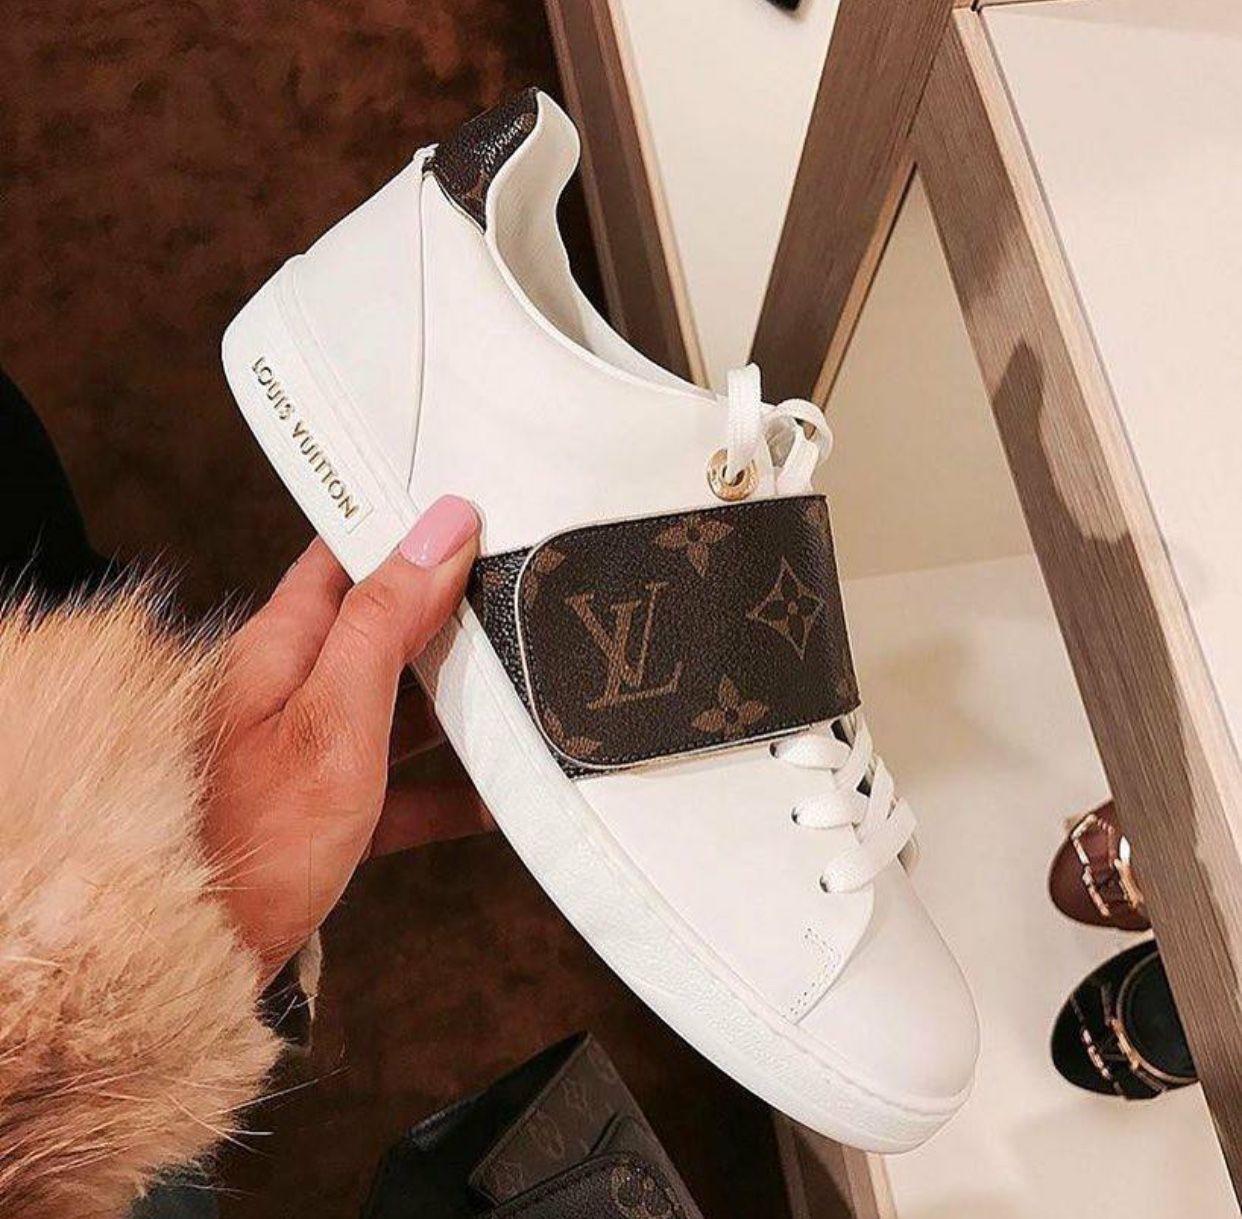 Pin Von Dilara Auf Shoes Louis Vuitton Schuhe Louis Vuitton Sneakers Louis Vuitton